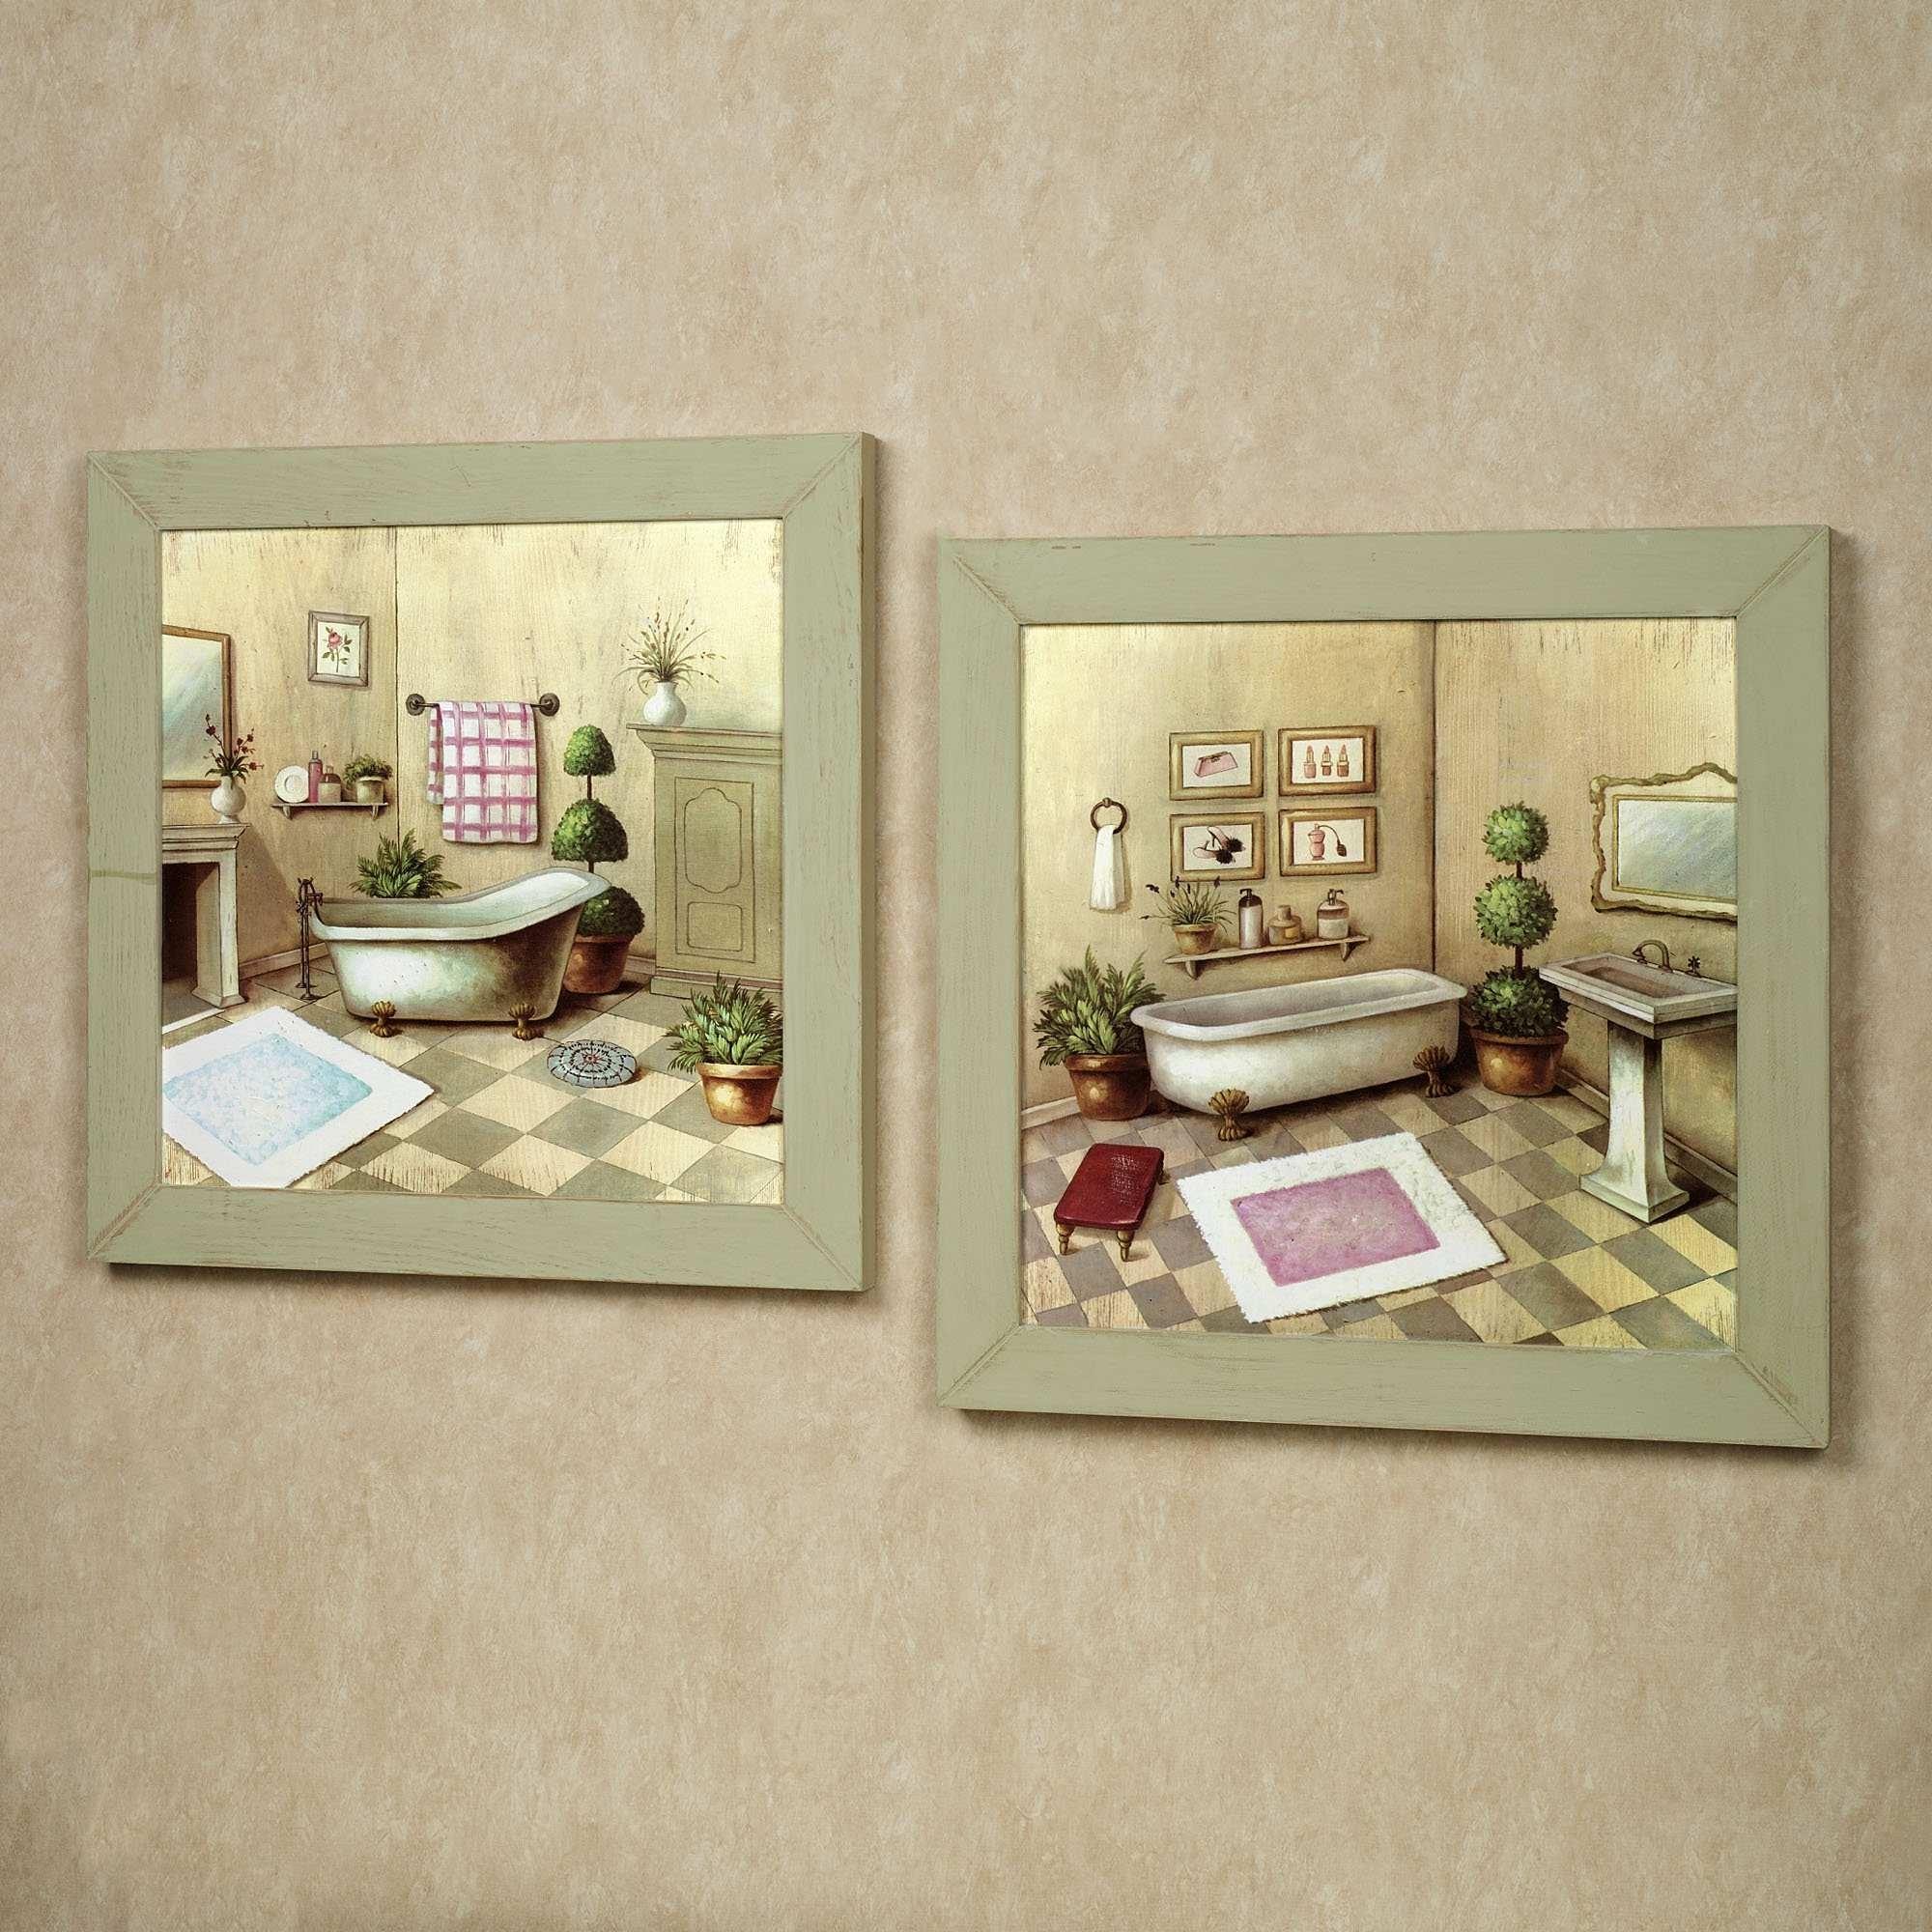 50 Bathroom Wall Art Ideas Decor | Painting Ideas Within Wall Art For Bathroom (Photo 19 of 20)